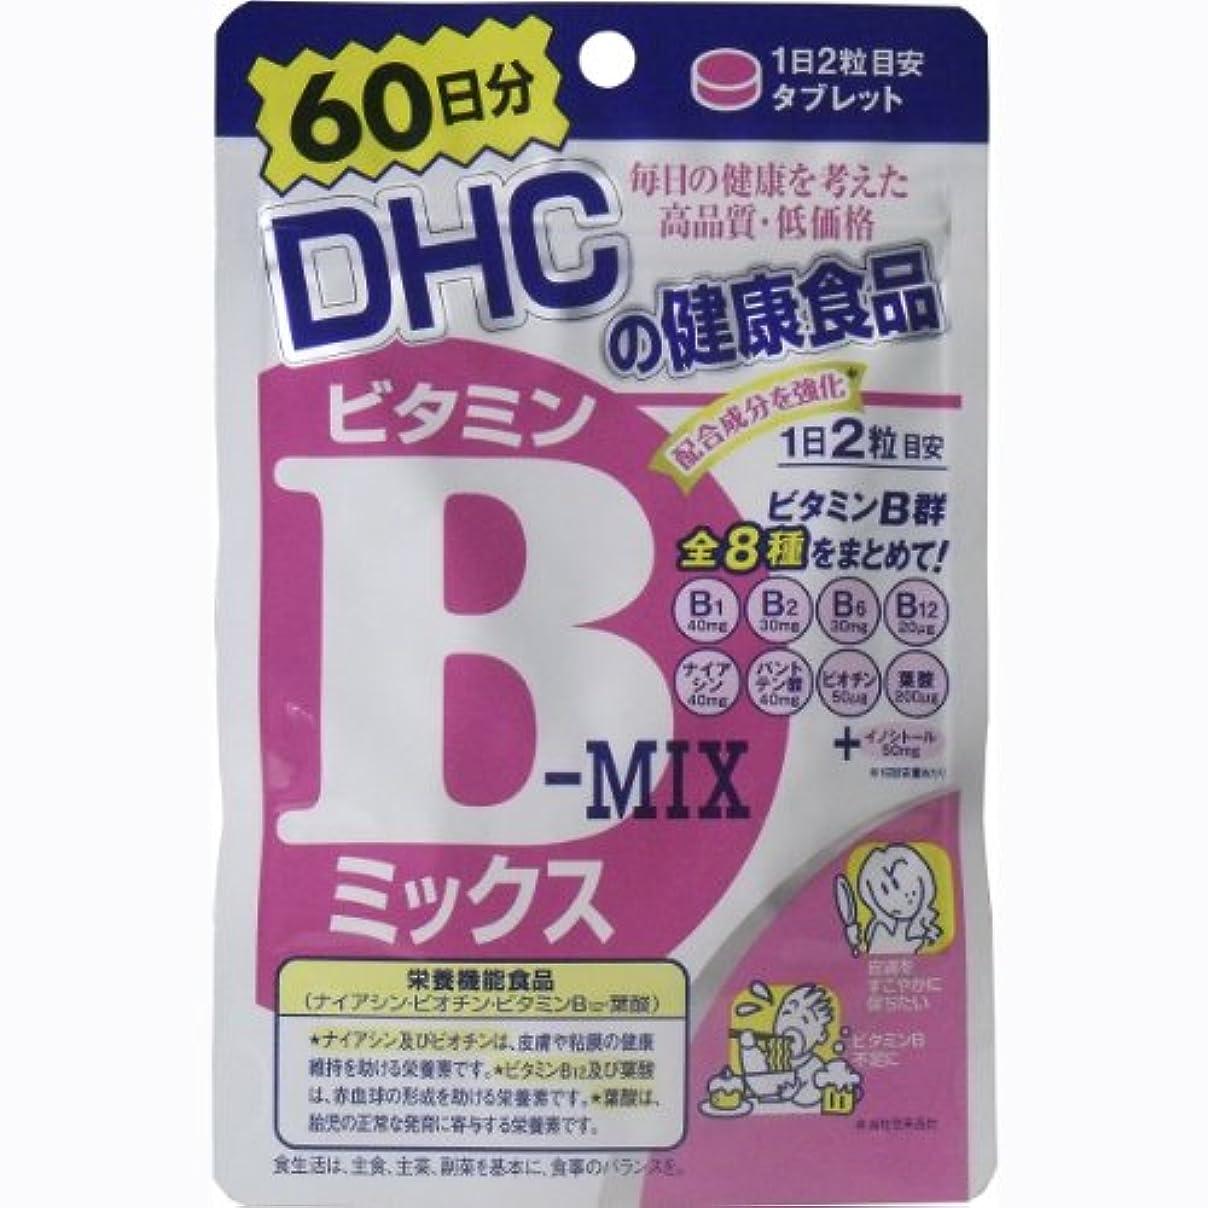 性格ボーダーラッチDHC ビタミンBミックス 120粒 60日分 ×8個セット